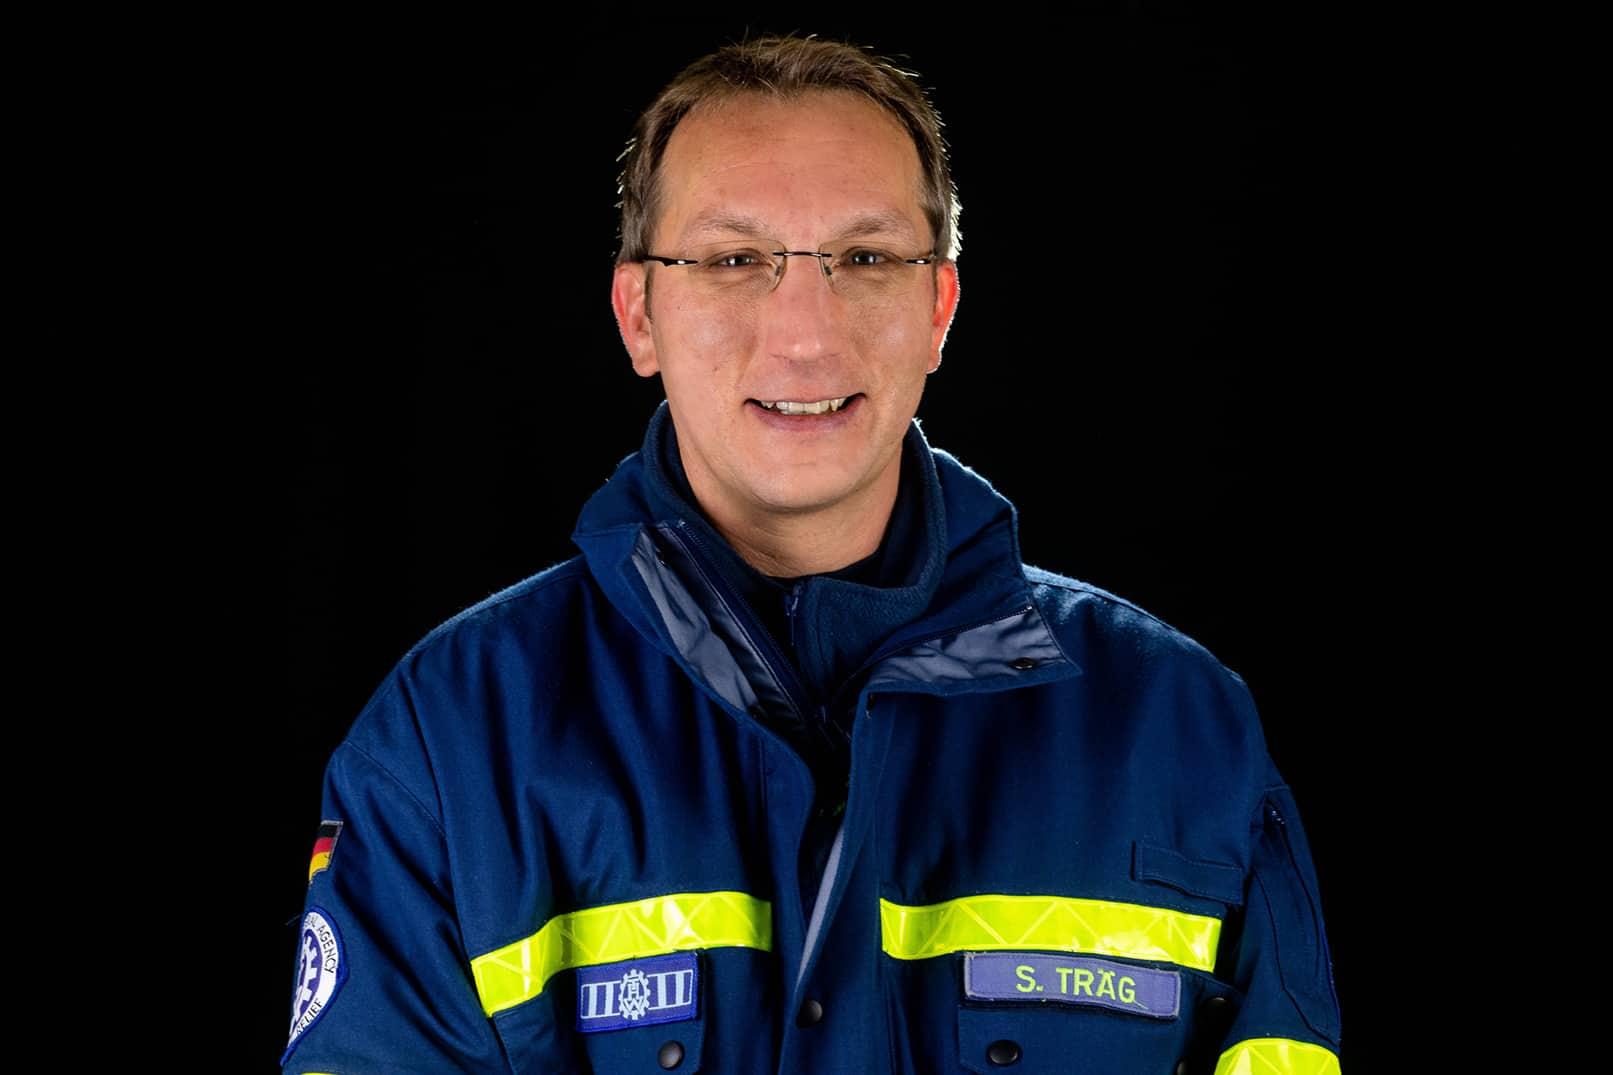 Stefan Träg